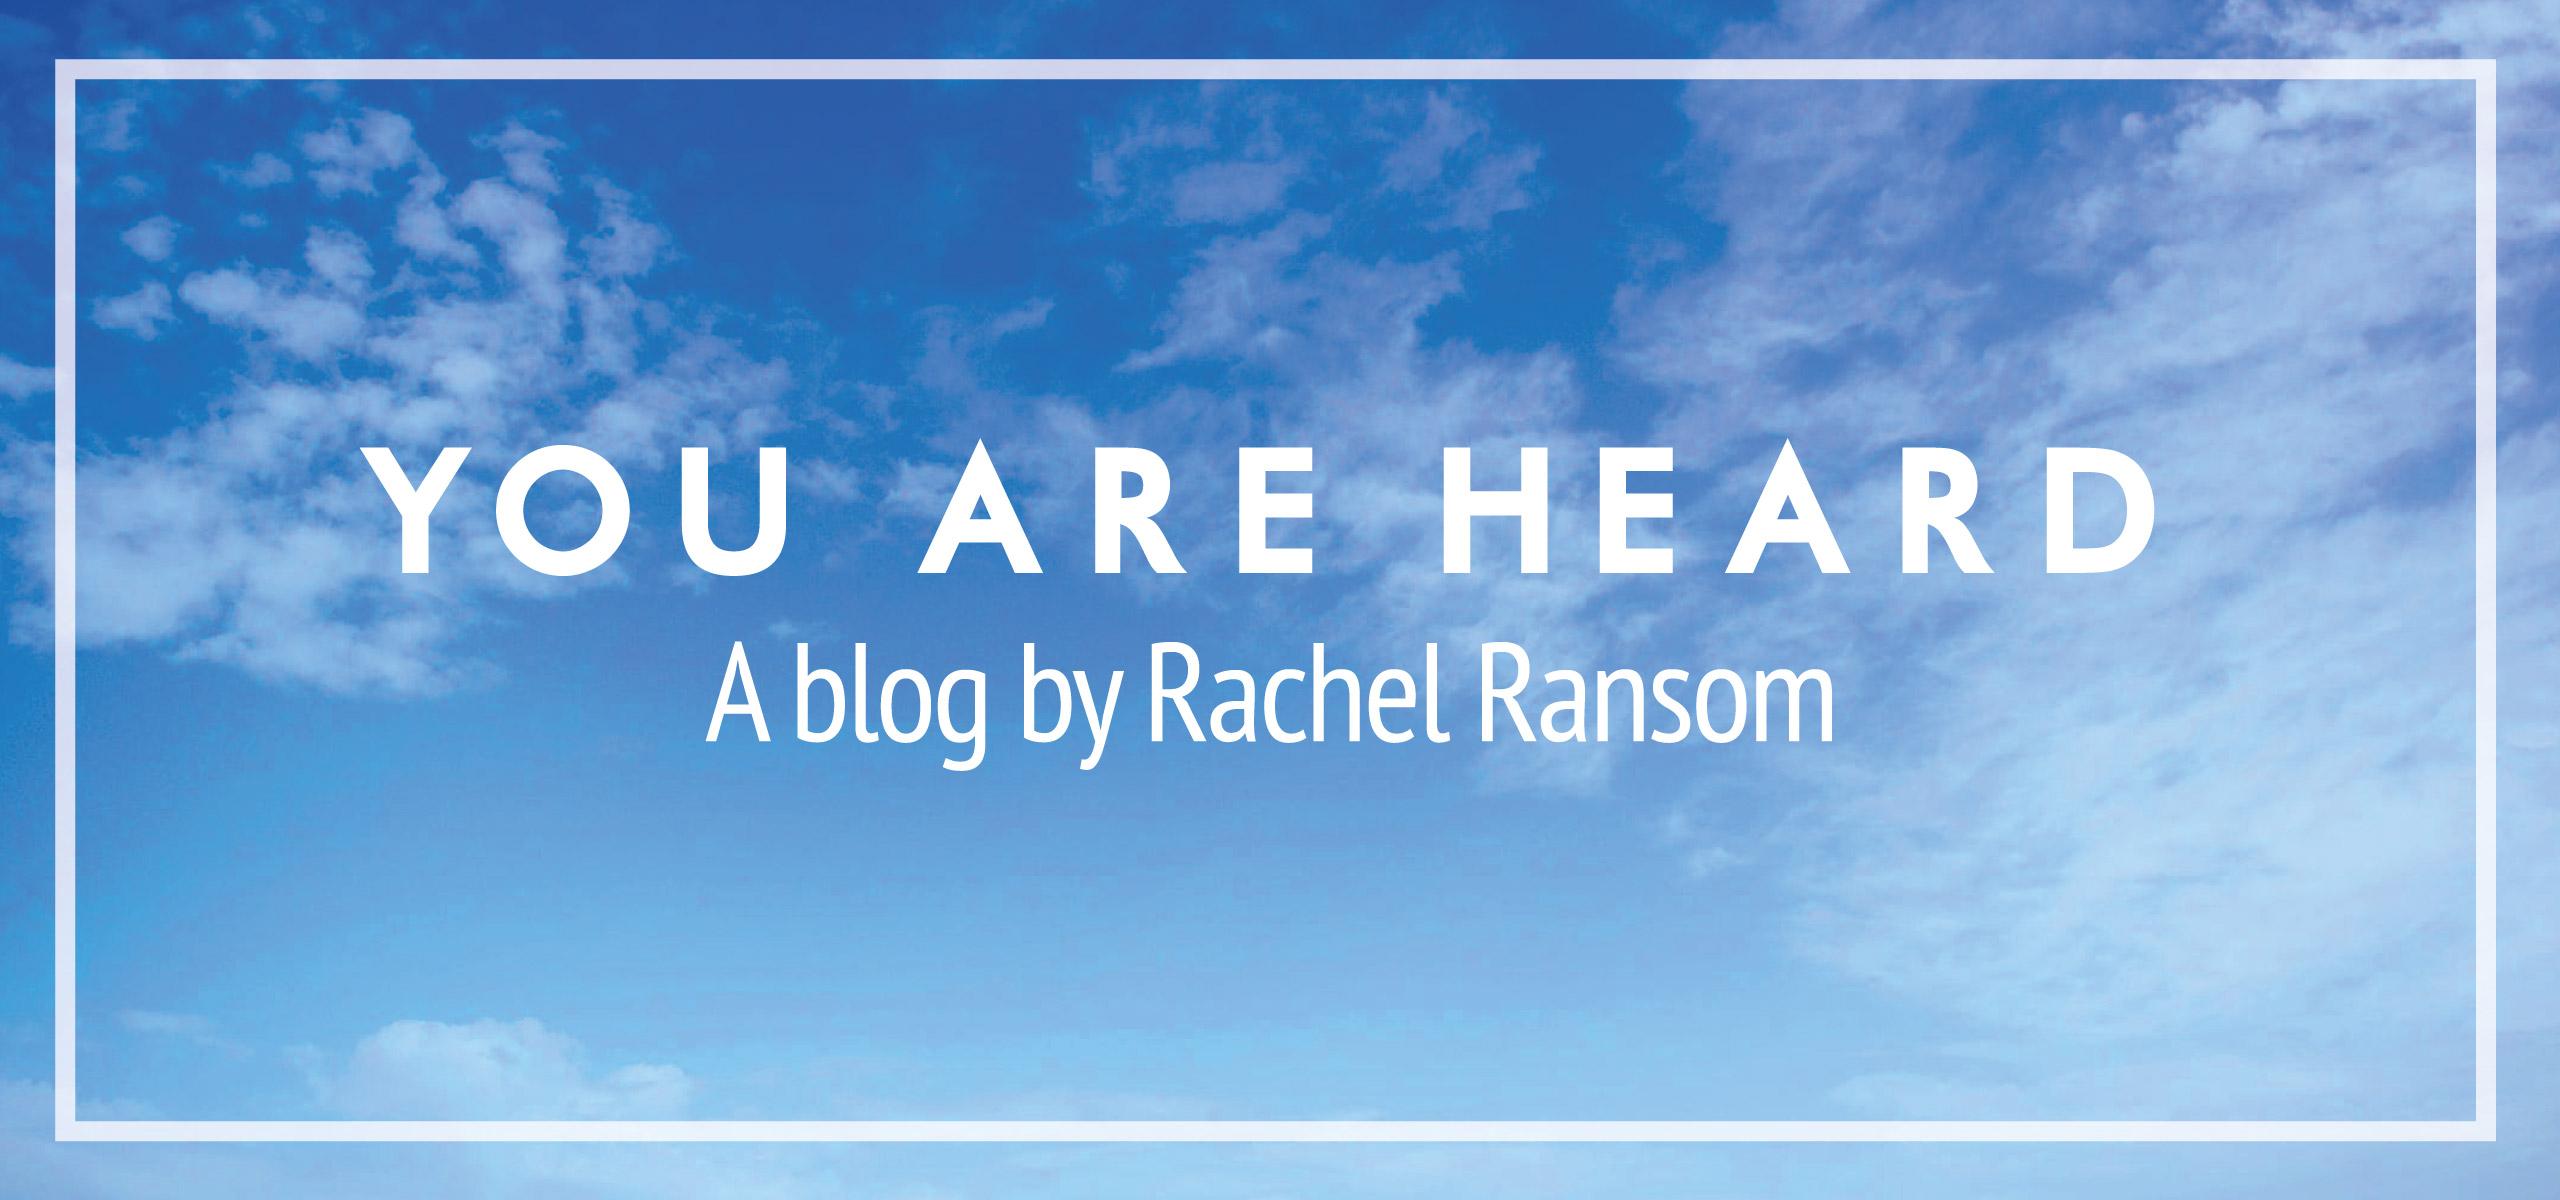 You Are Heard - A blog by Rachel Ransom